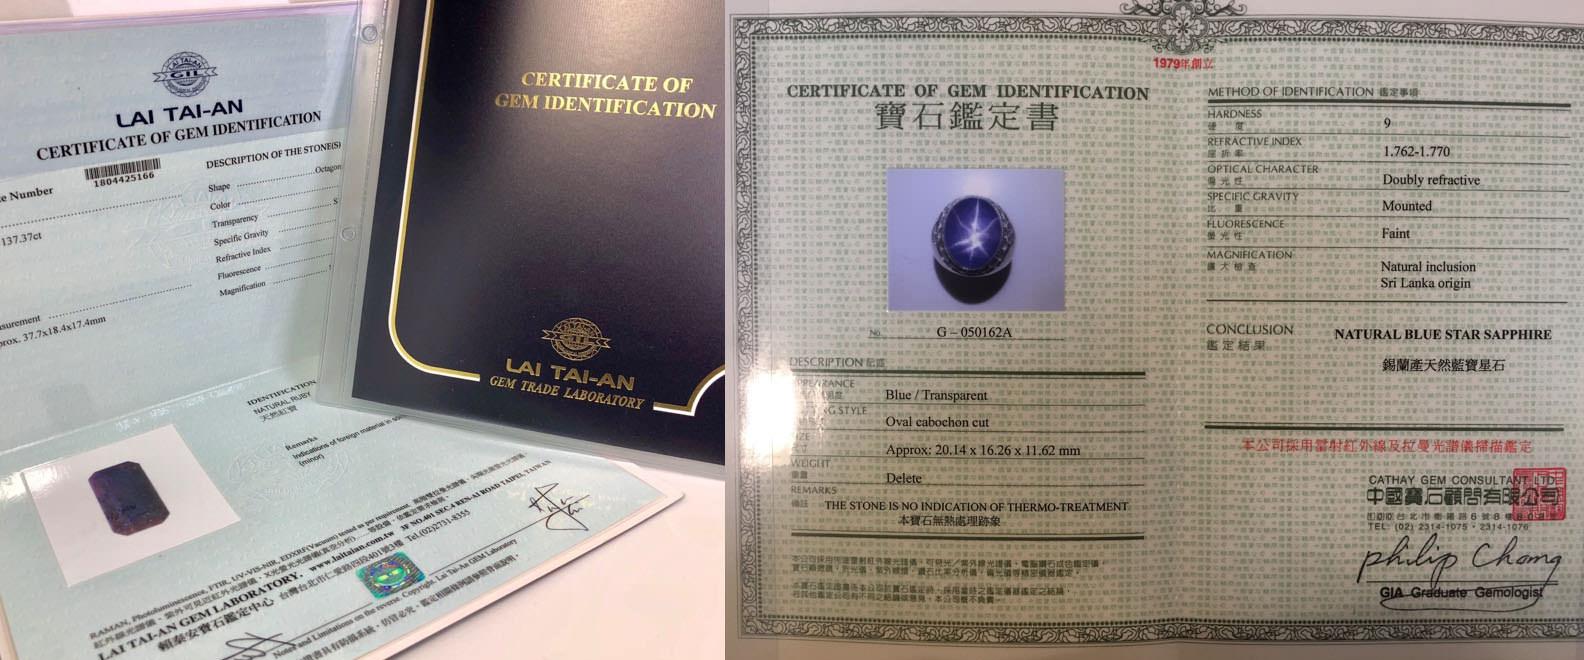 △左圖為賴泰安寶石鑑定所出具的證書樣式.右圖為中國寶石鑑定顧問有限公司所出具的證書樣式